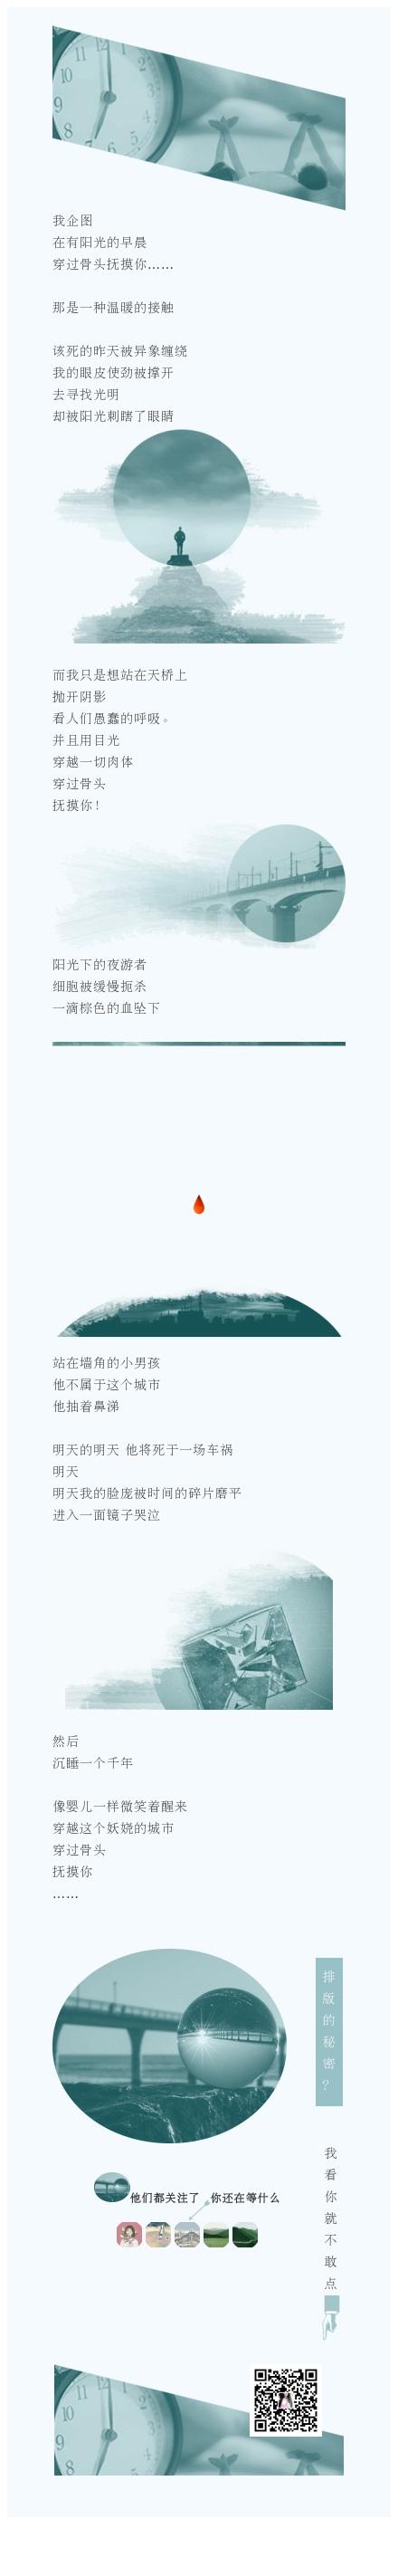 清闲简约藏青色诗歌类微信文章模板